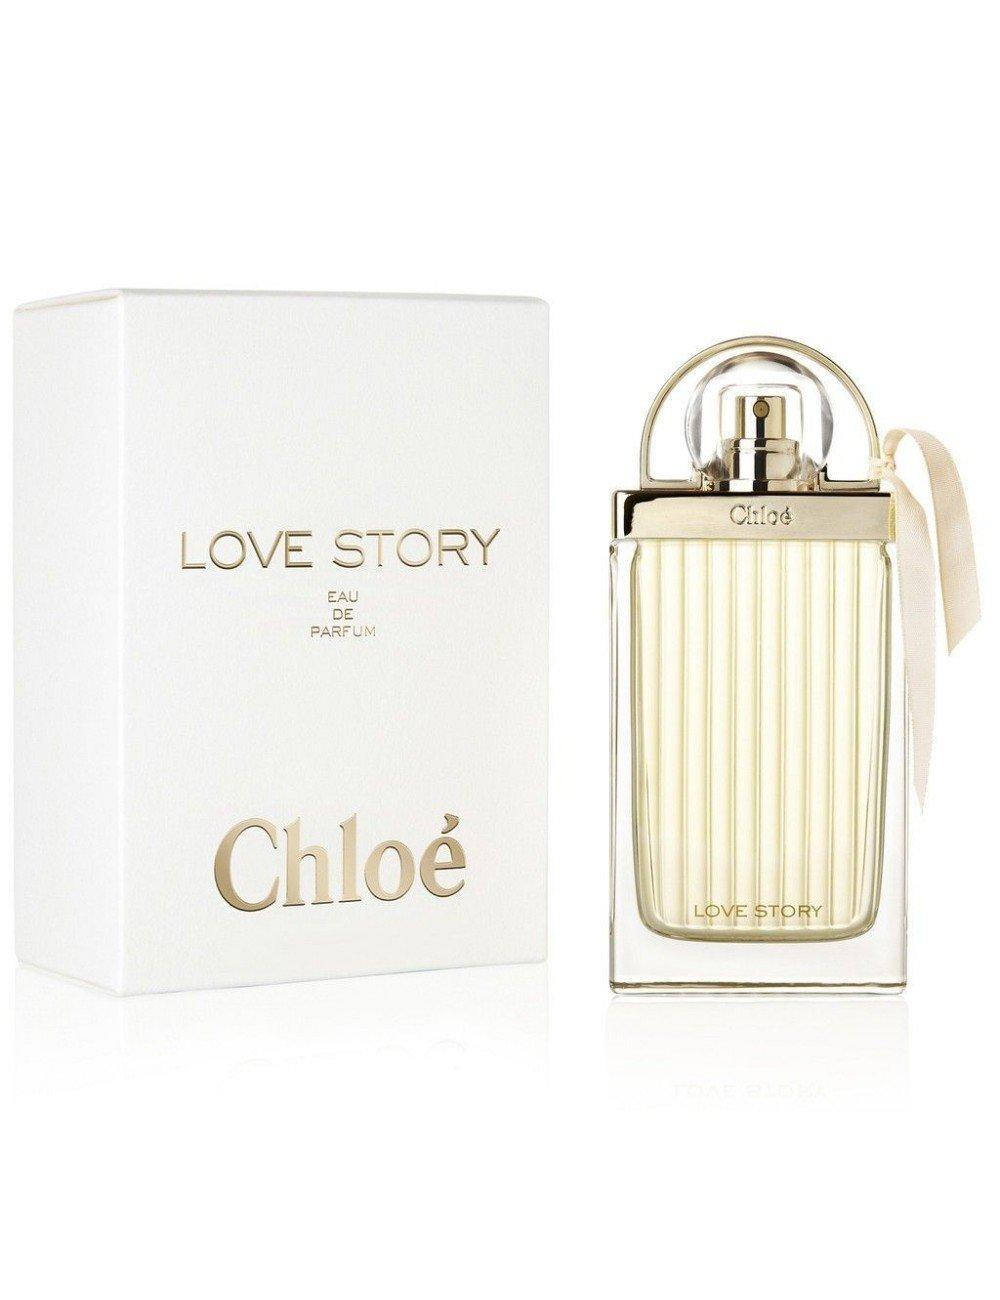 Chloe Love Edp Edp Story 50ml Love Story Love Chloe Edp Story Chloe 50ml WHIY9DE2